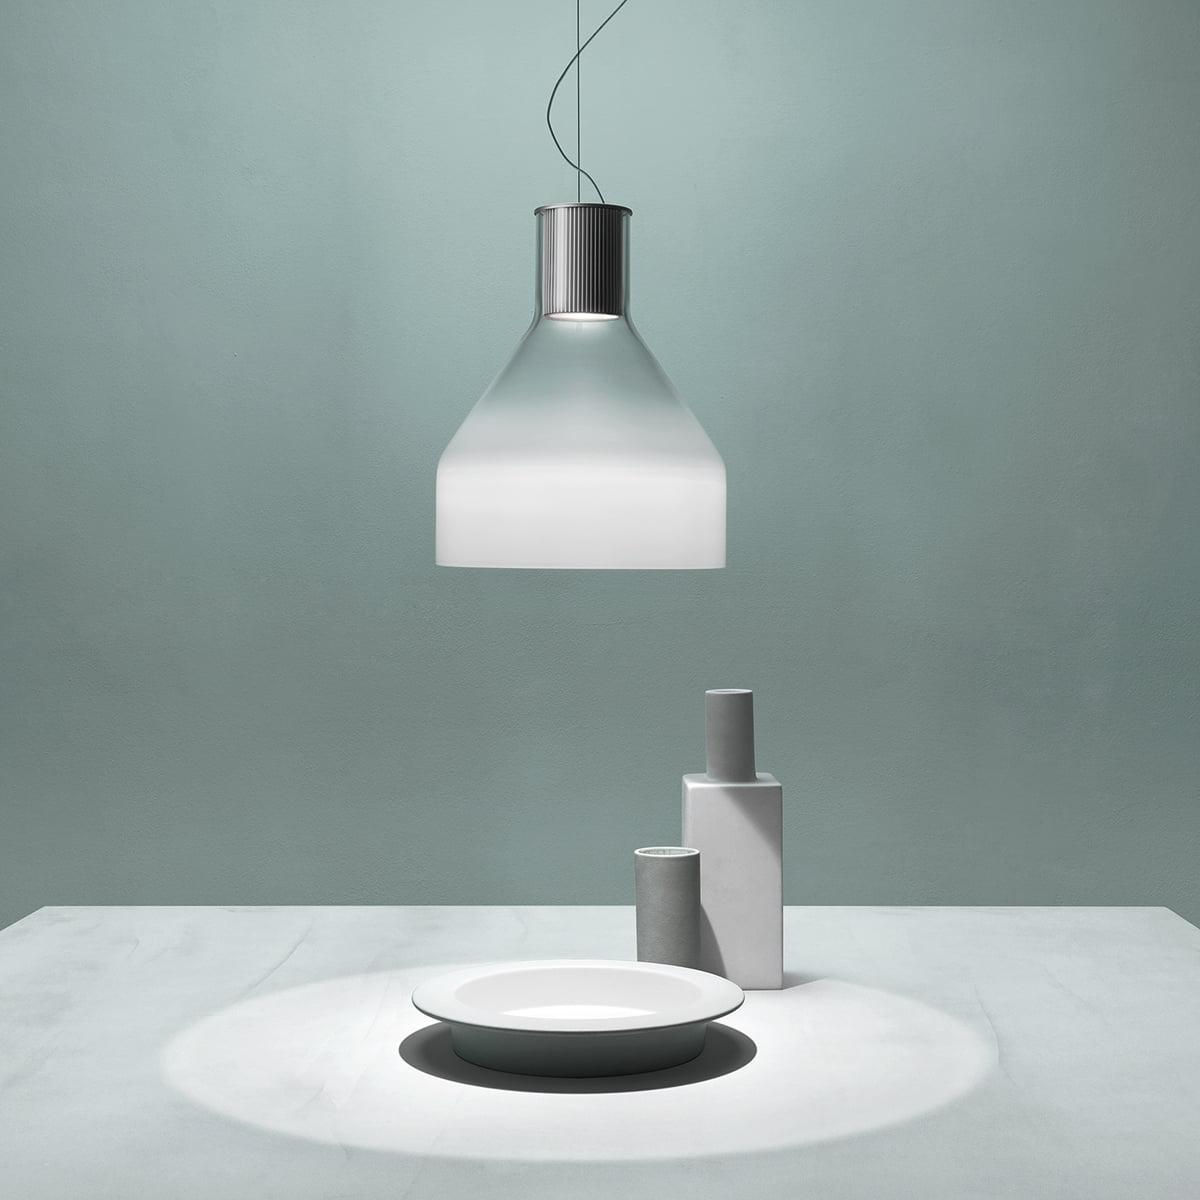 Unglaublich Stehlampe Esstisch Referenz Von Excellent Amazing Die Caiigo Von Foscarini Ideen